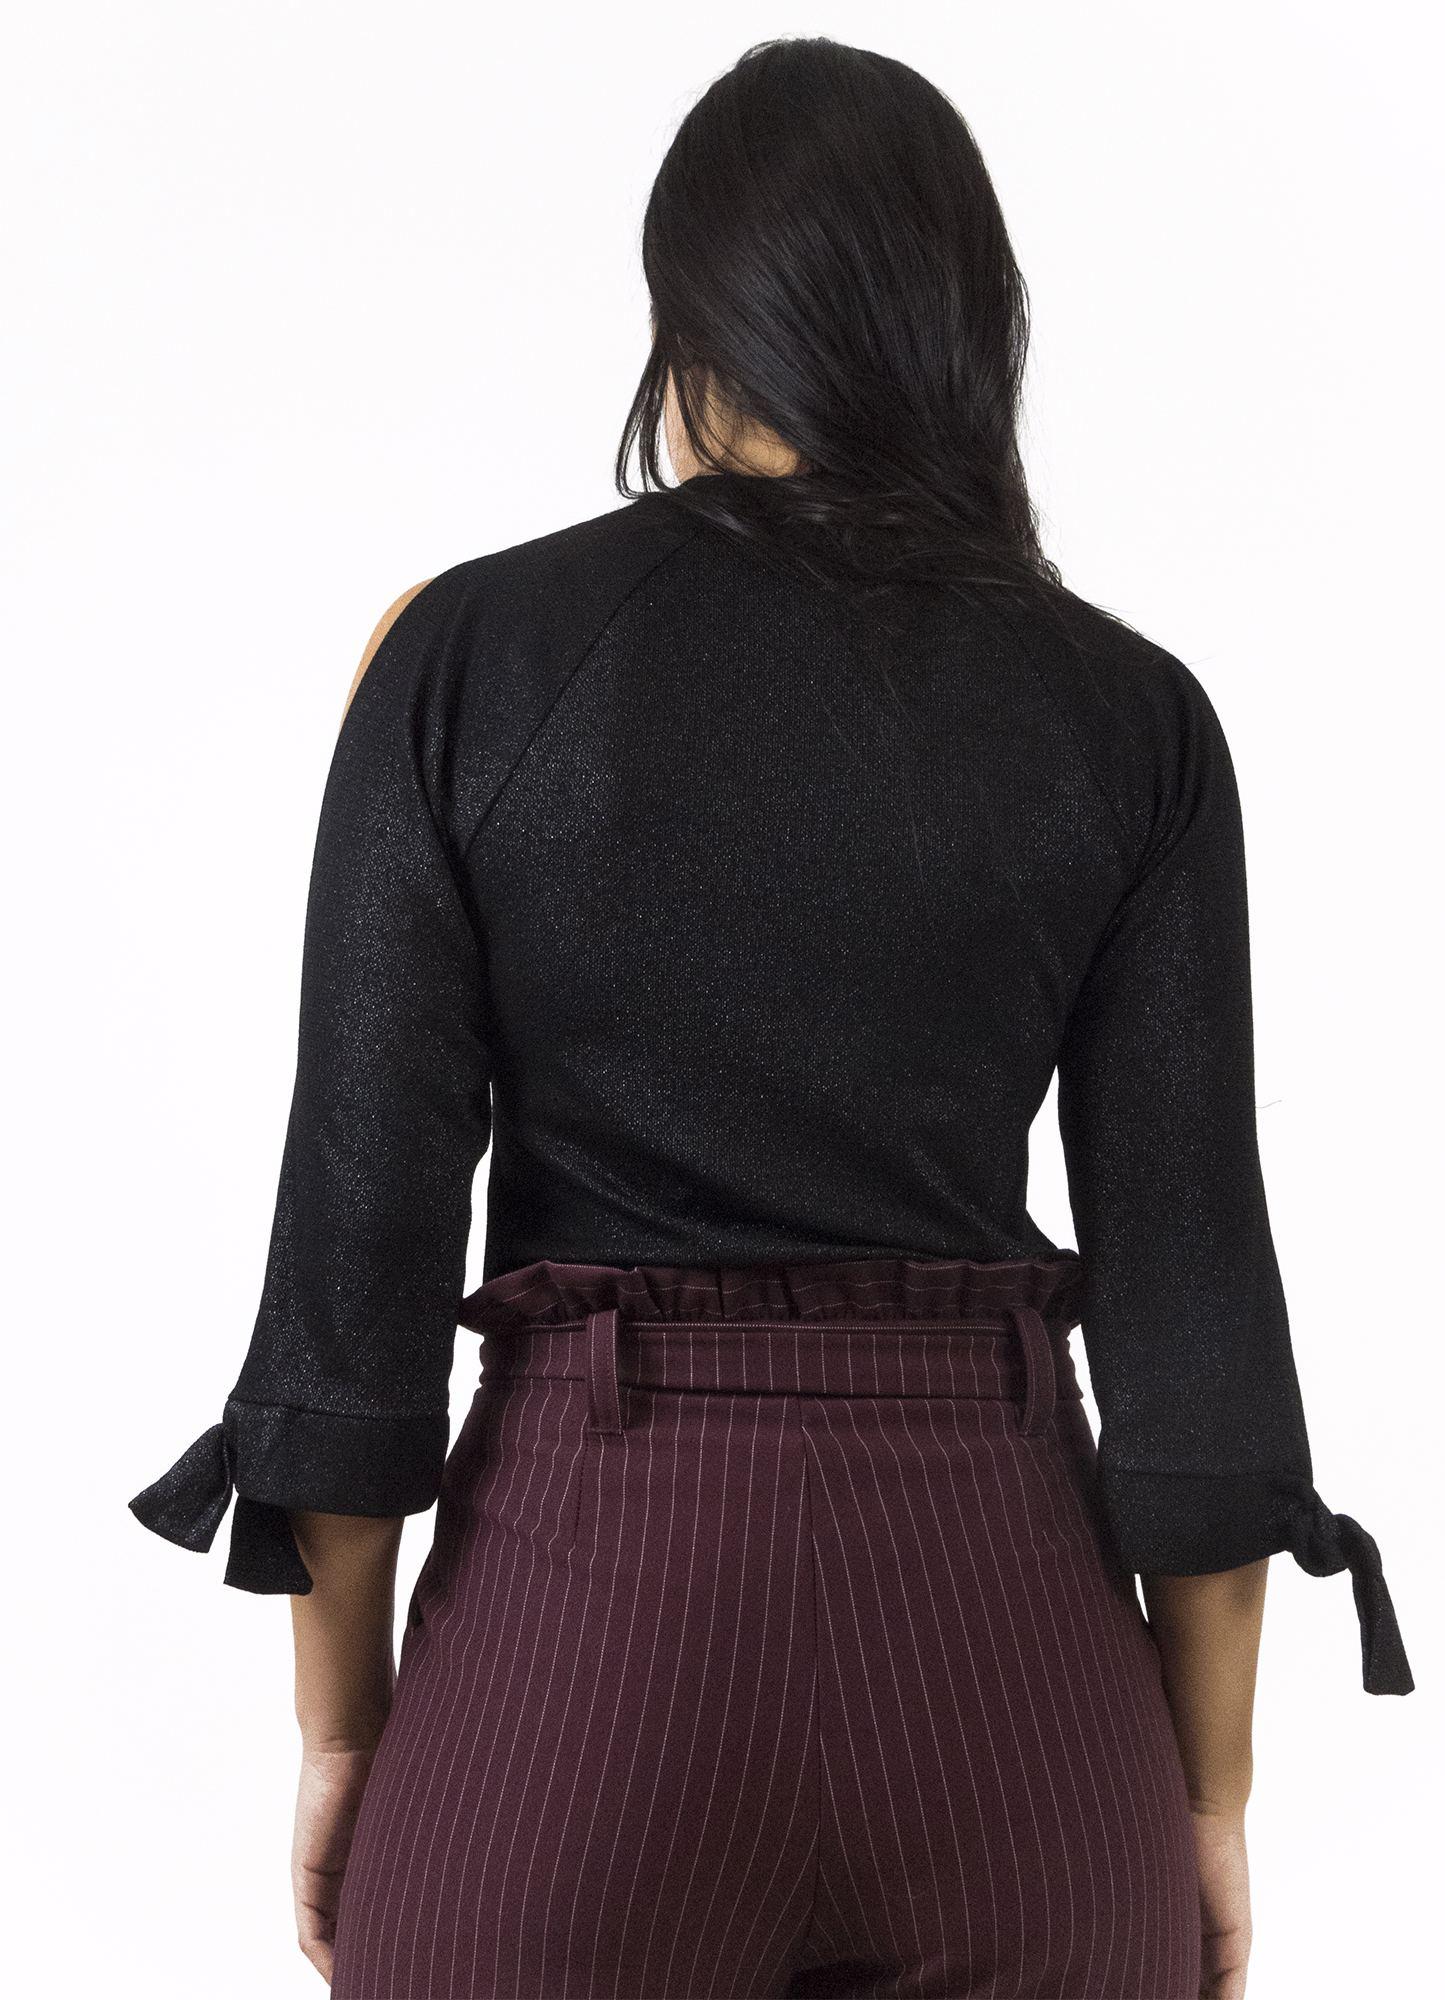 Blusa Feminina Viscose Brilho Preta Decote V Abertura nas Laterais das Mangas e Amarração nos Punhos